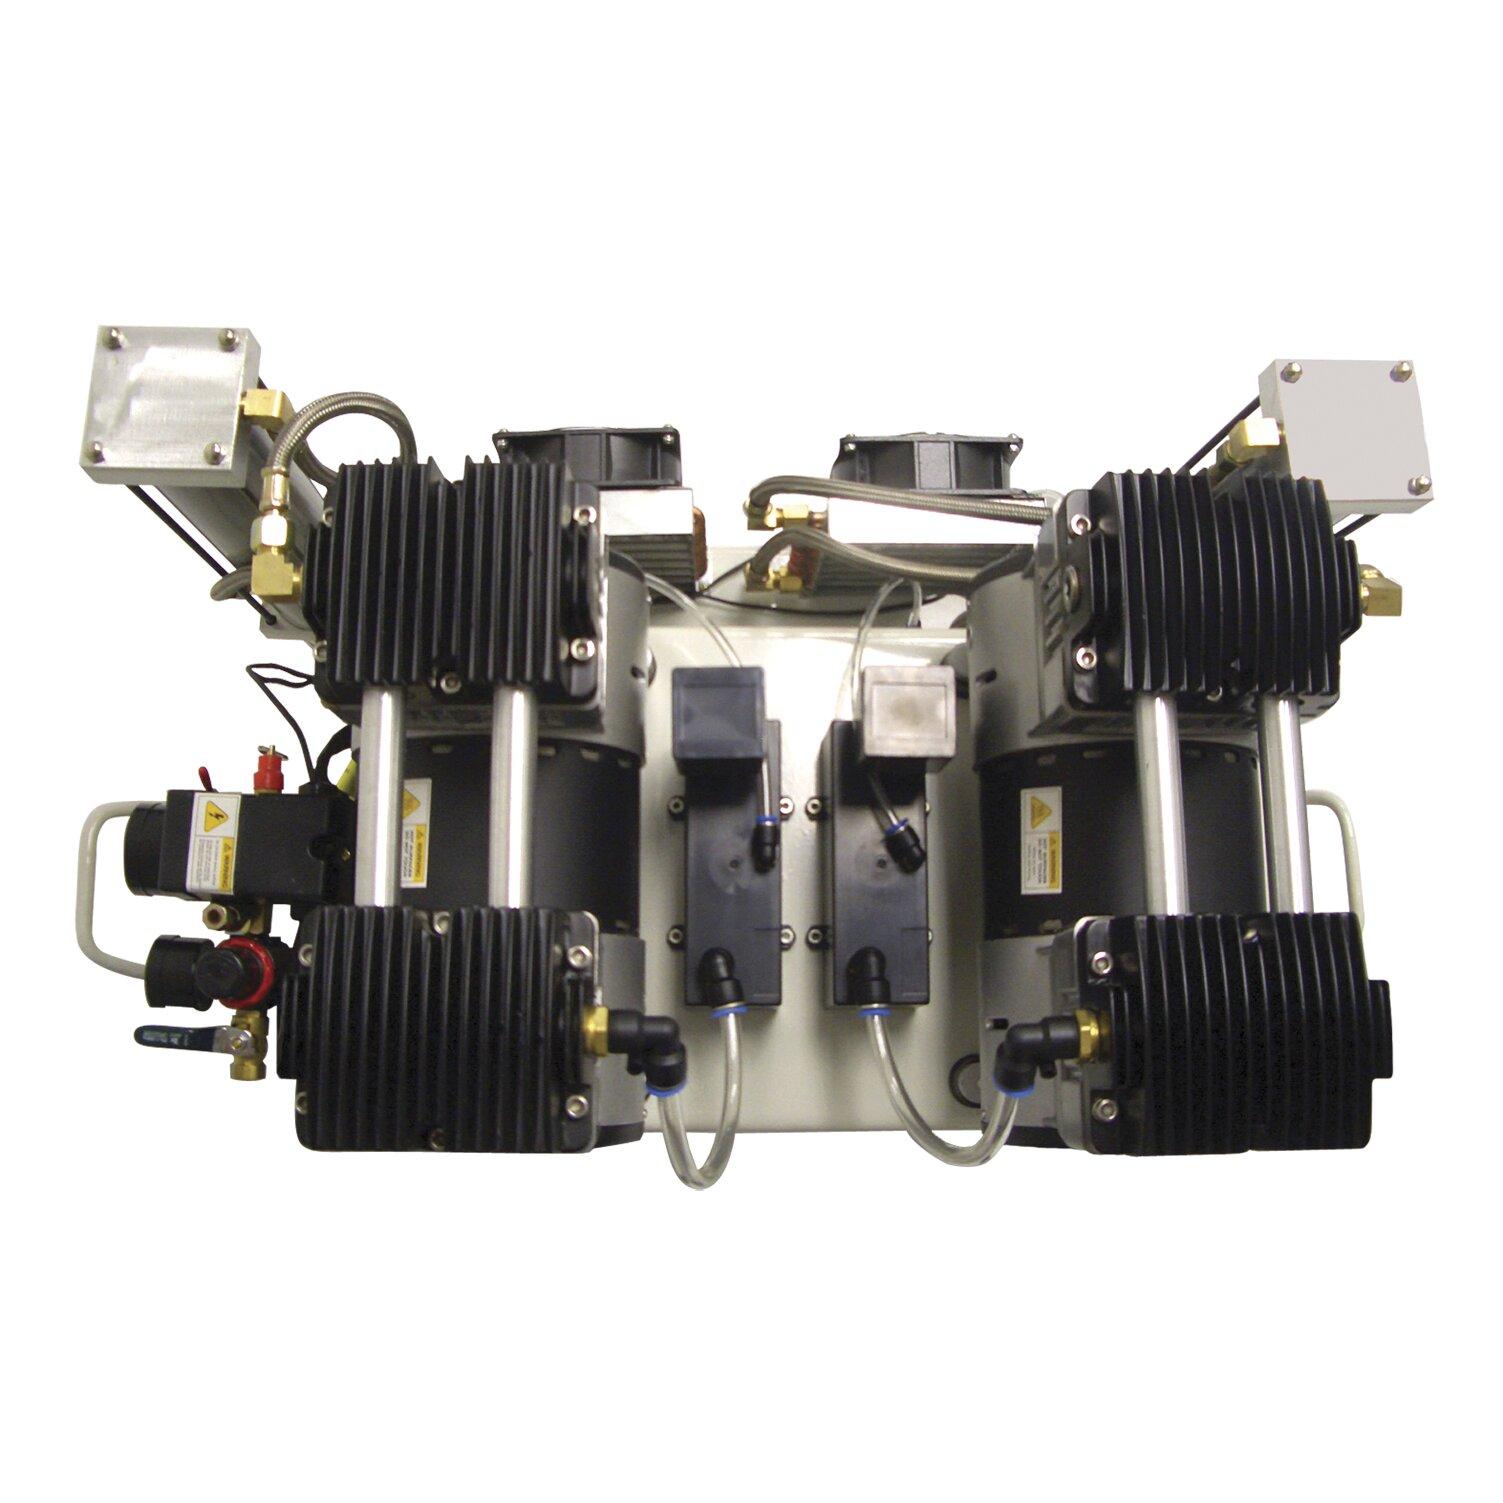 Quiet Air Compressor Reviews California Air Tools Gallon Ultra Quiet And Oil